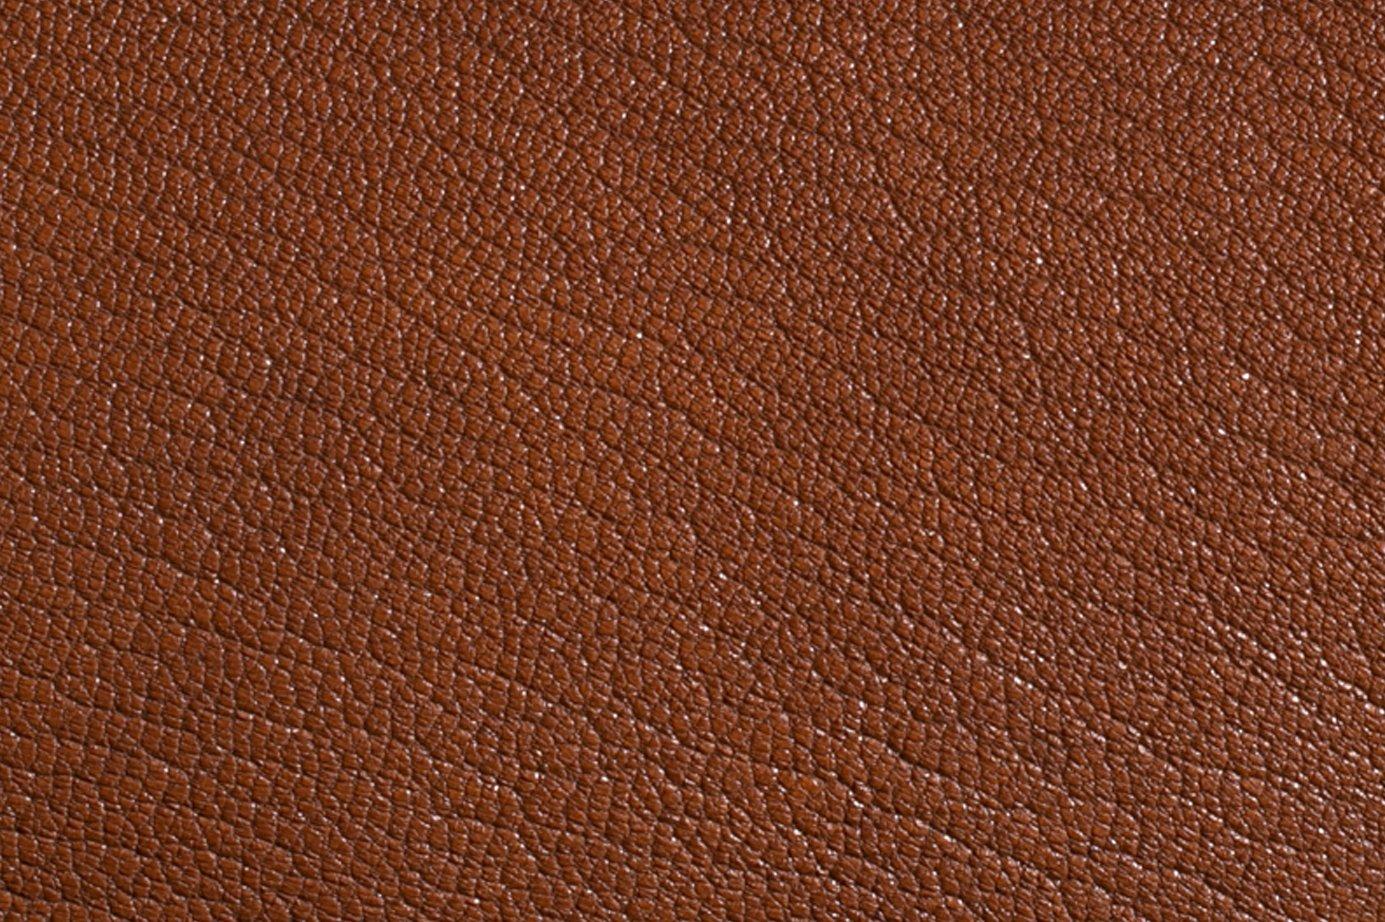 Frank Clegg Chevre Goatskin Leather